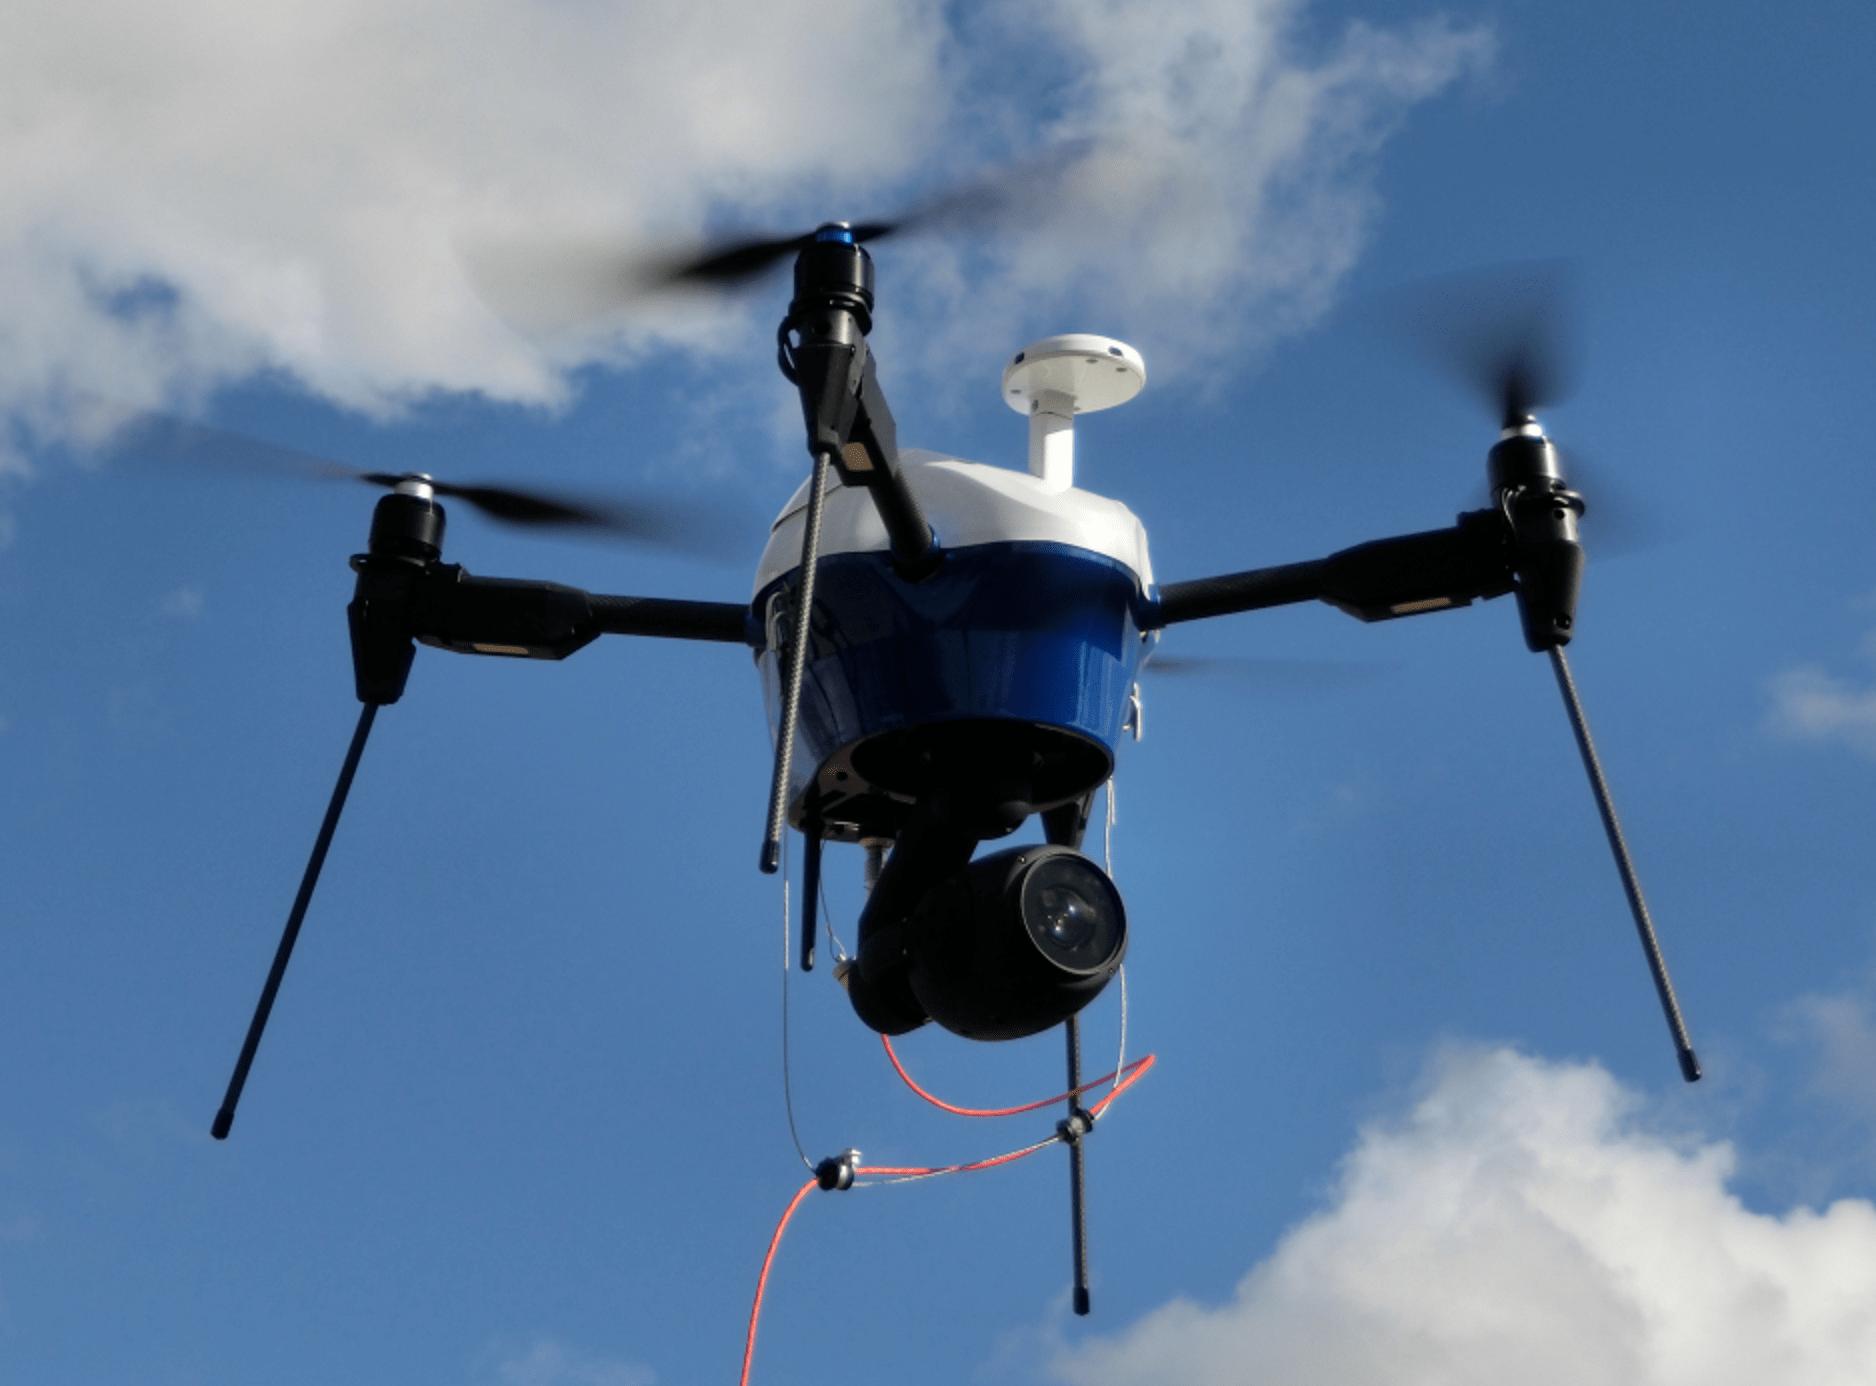 「菜鸟」索尼挑战大疆,无人机行业来了新玩家